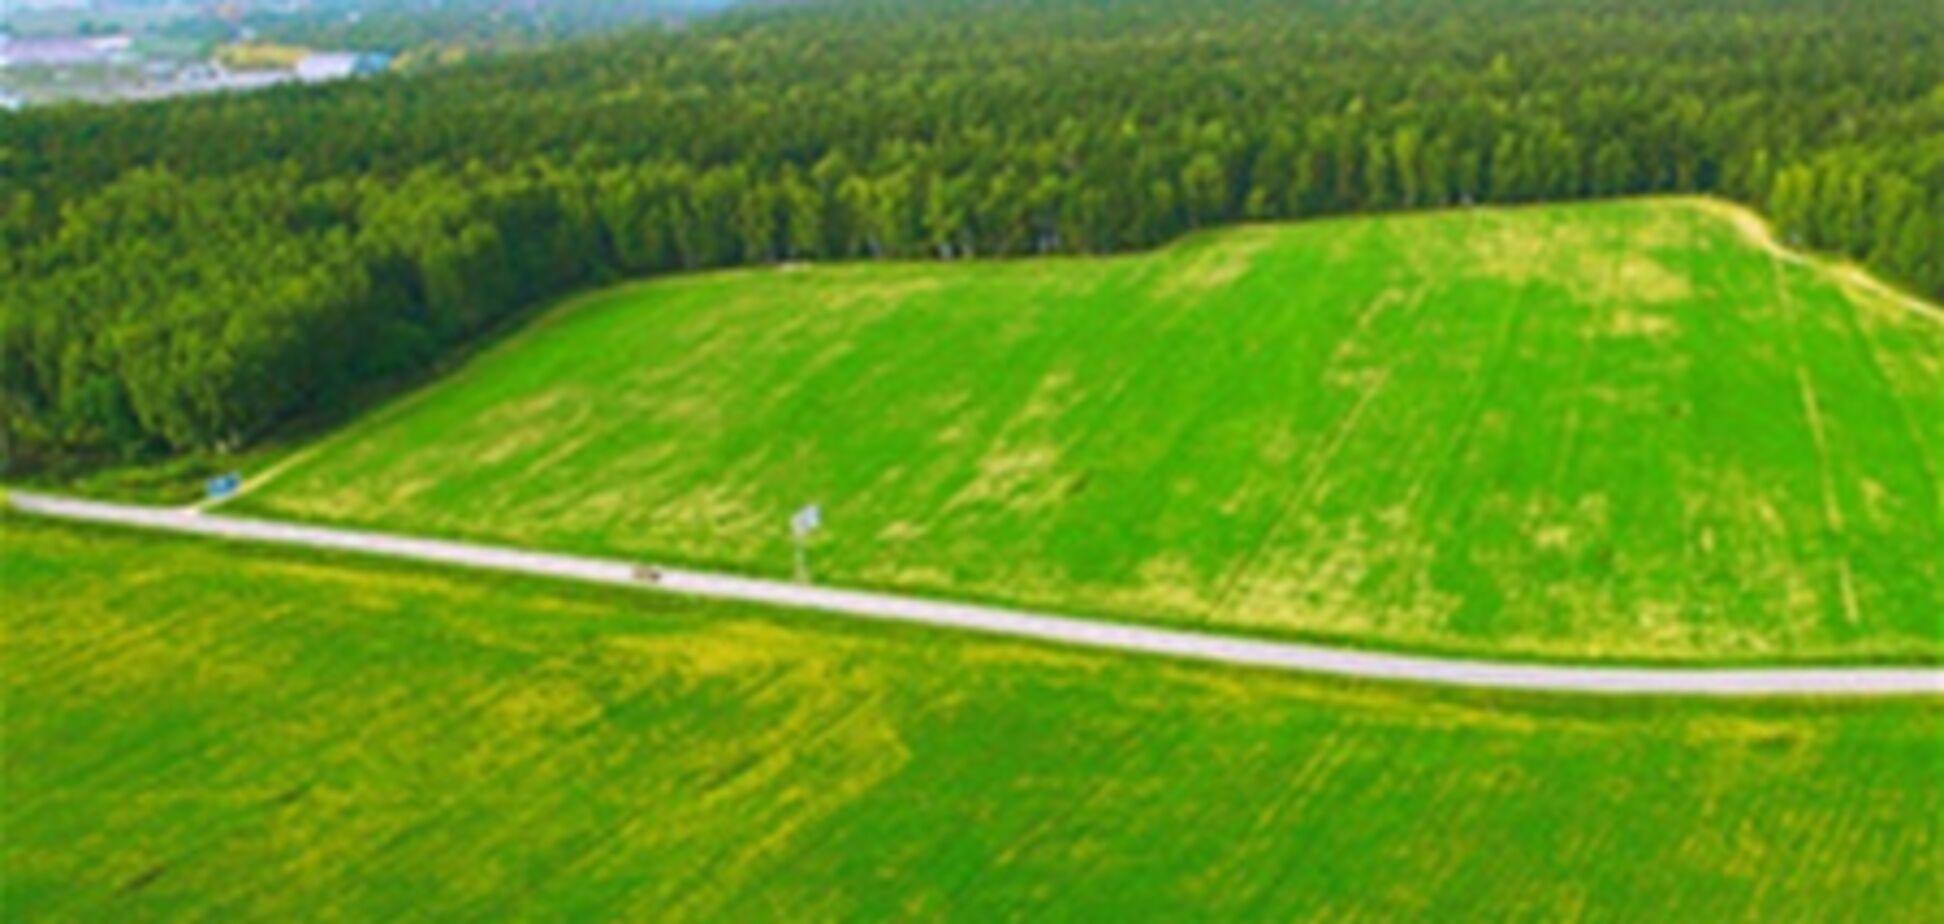 В Украине предложили ограничить продажу участков земли в одни руки